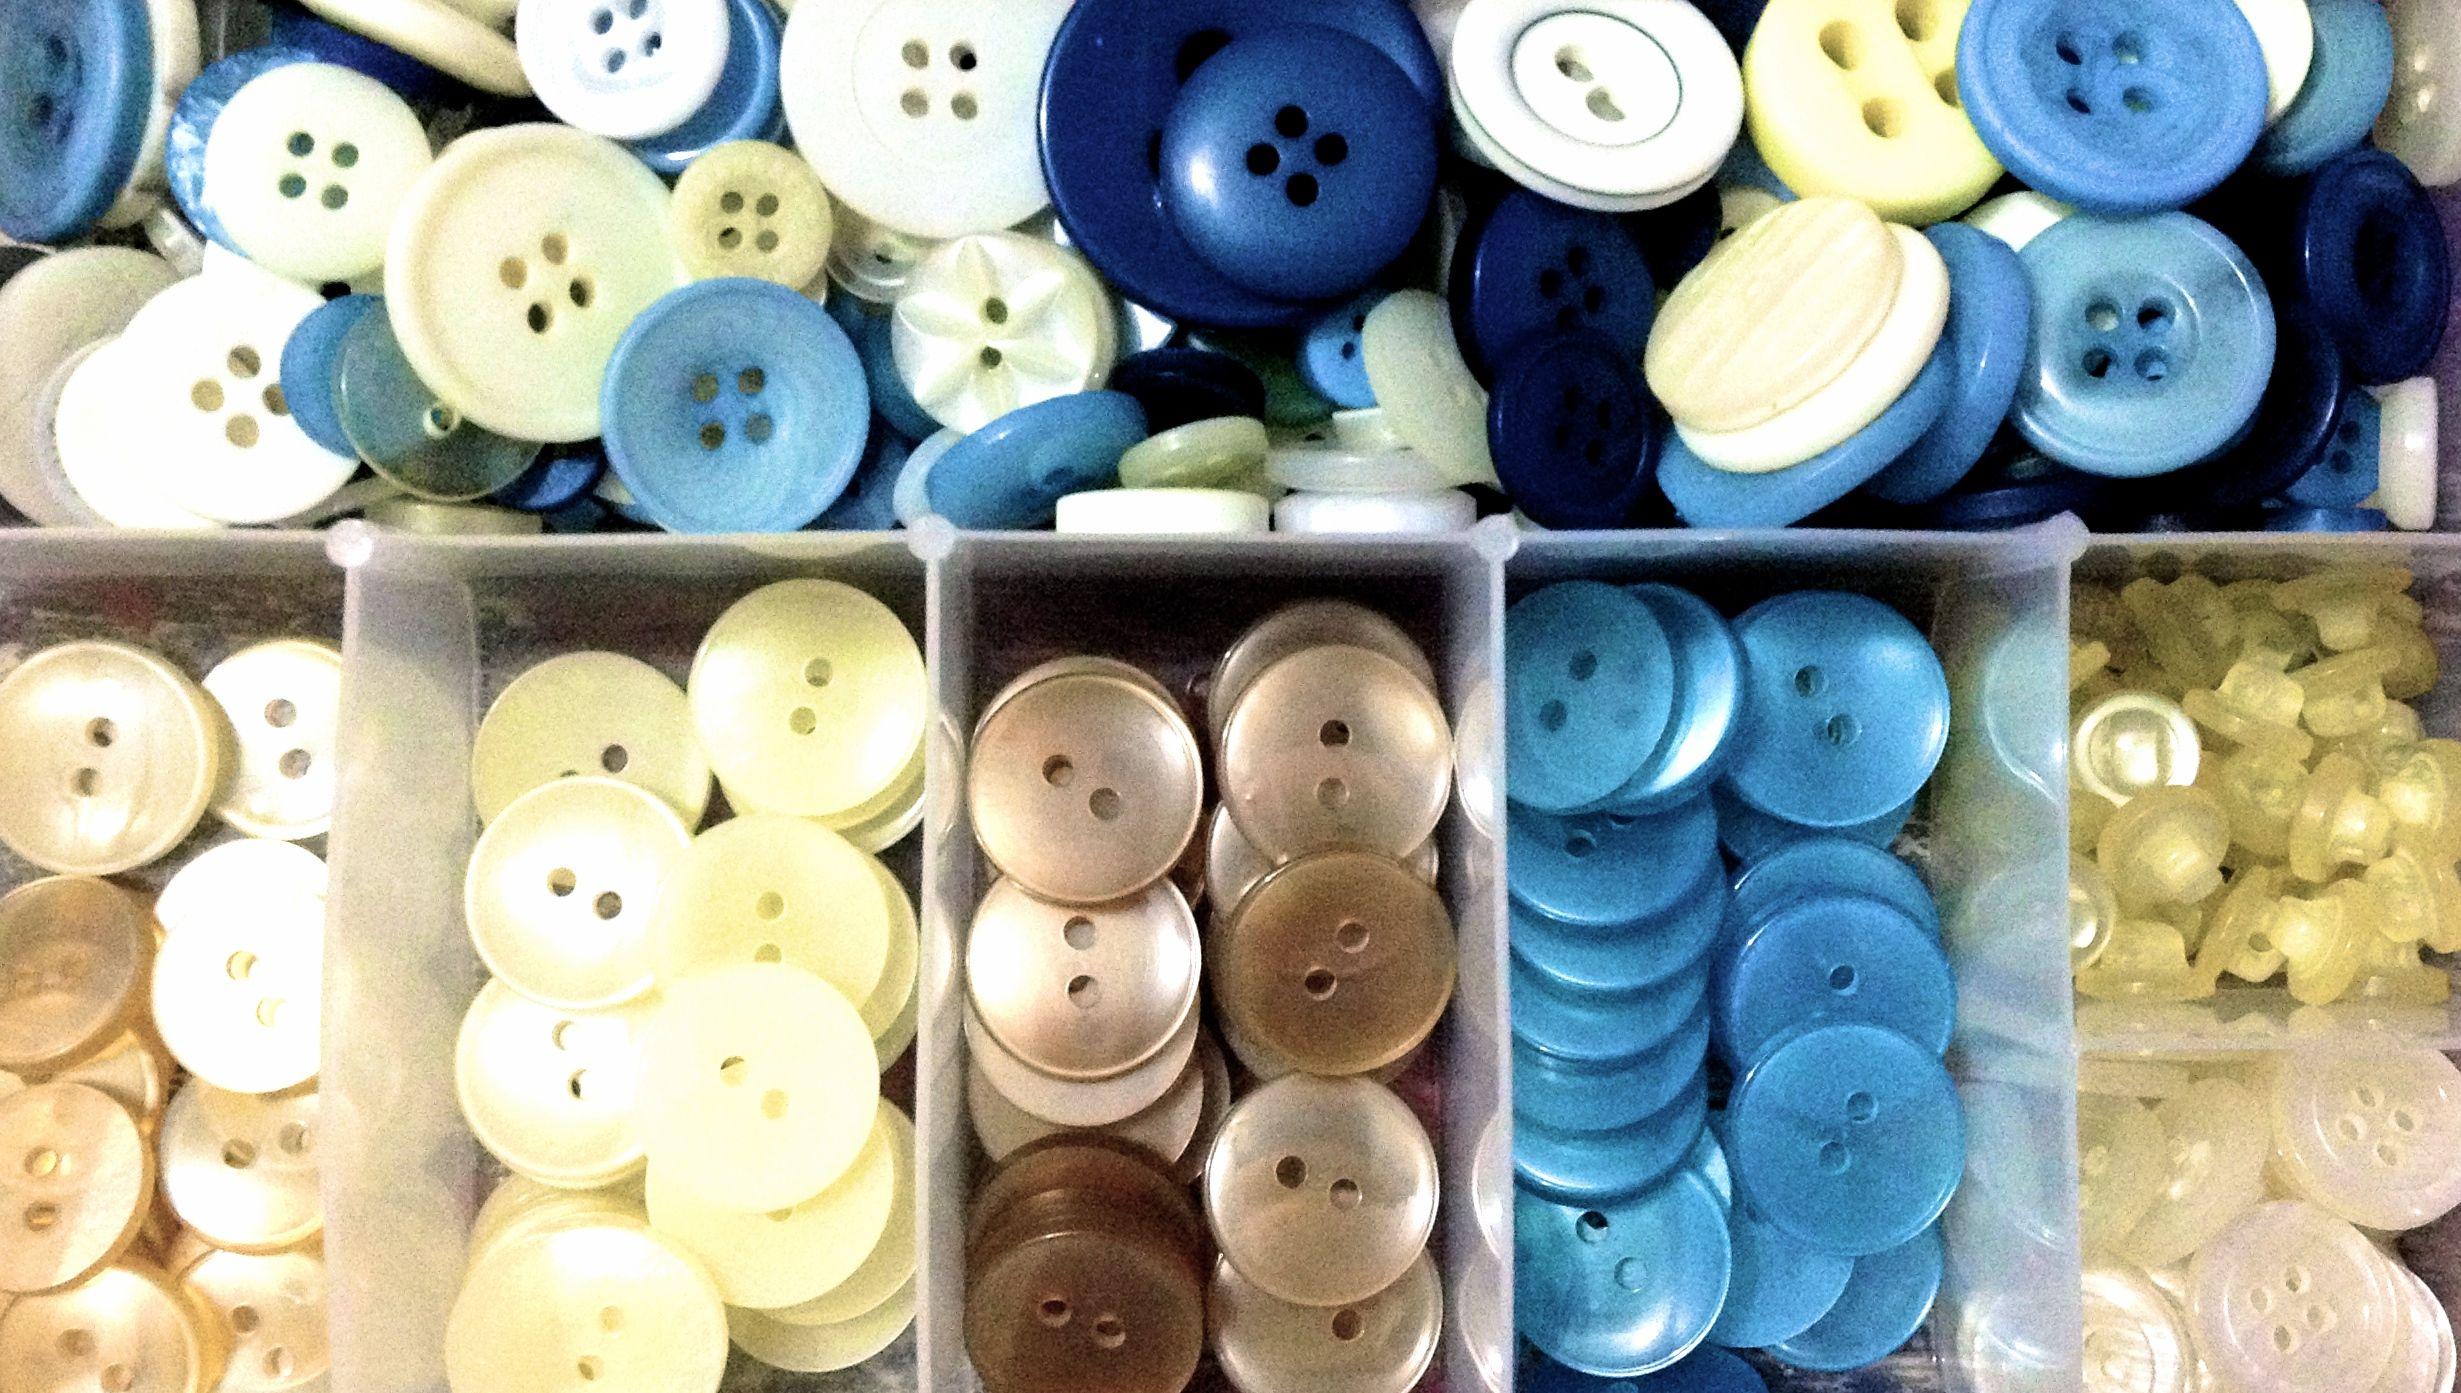 Organizar minhas caixinhas de botões, minha terapia. To organize my buttons' boxes, my therapy.